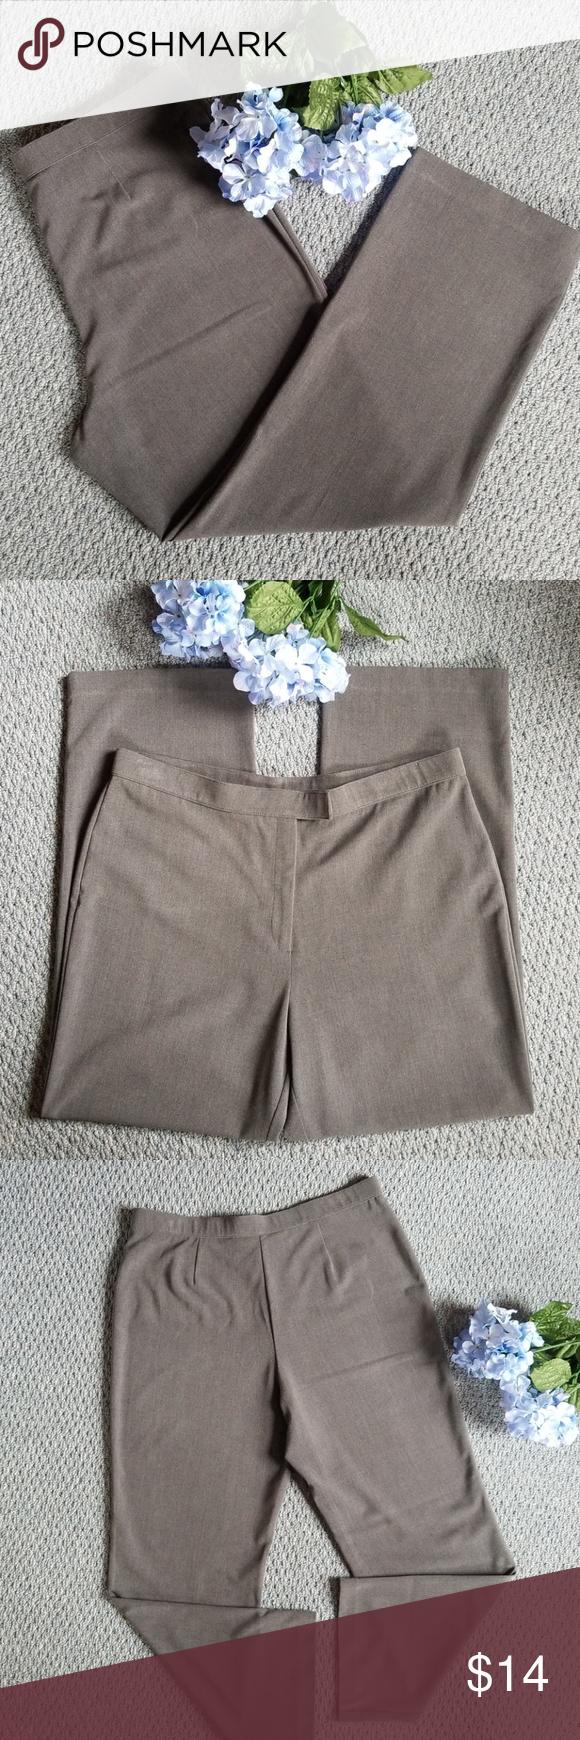 Career Pants   Pants, Pants for women, Clothes design